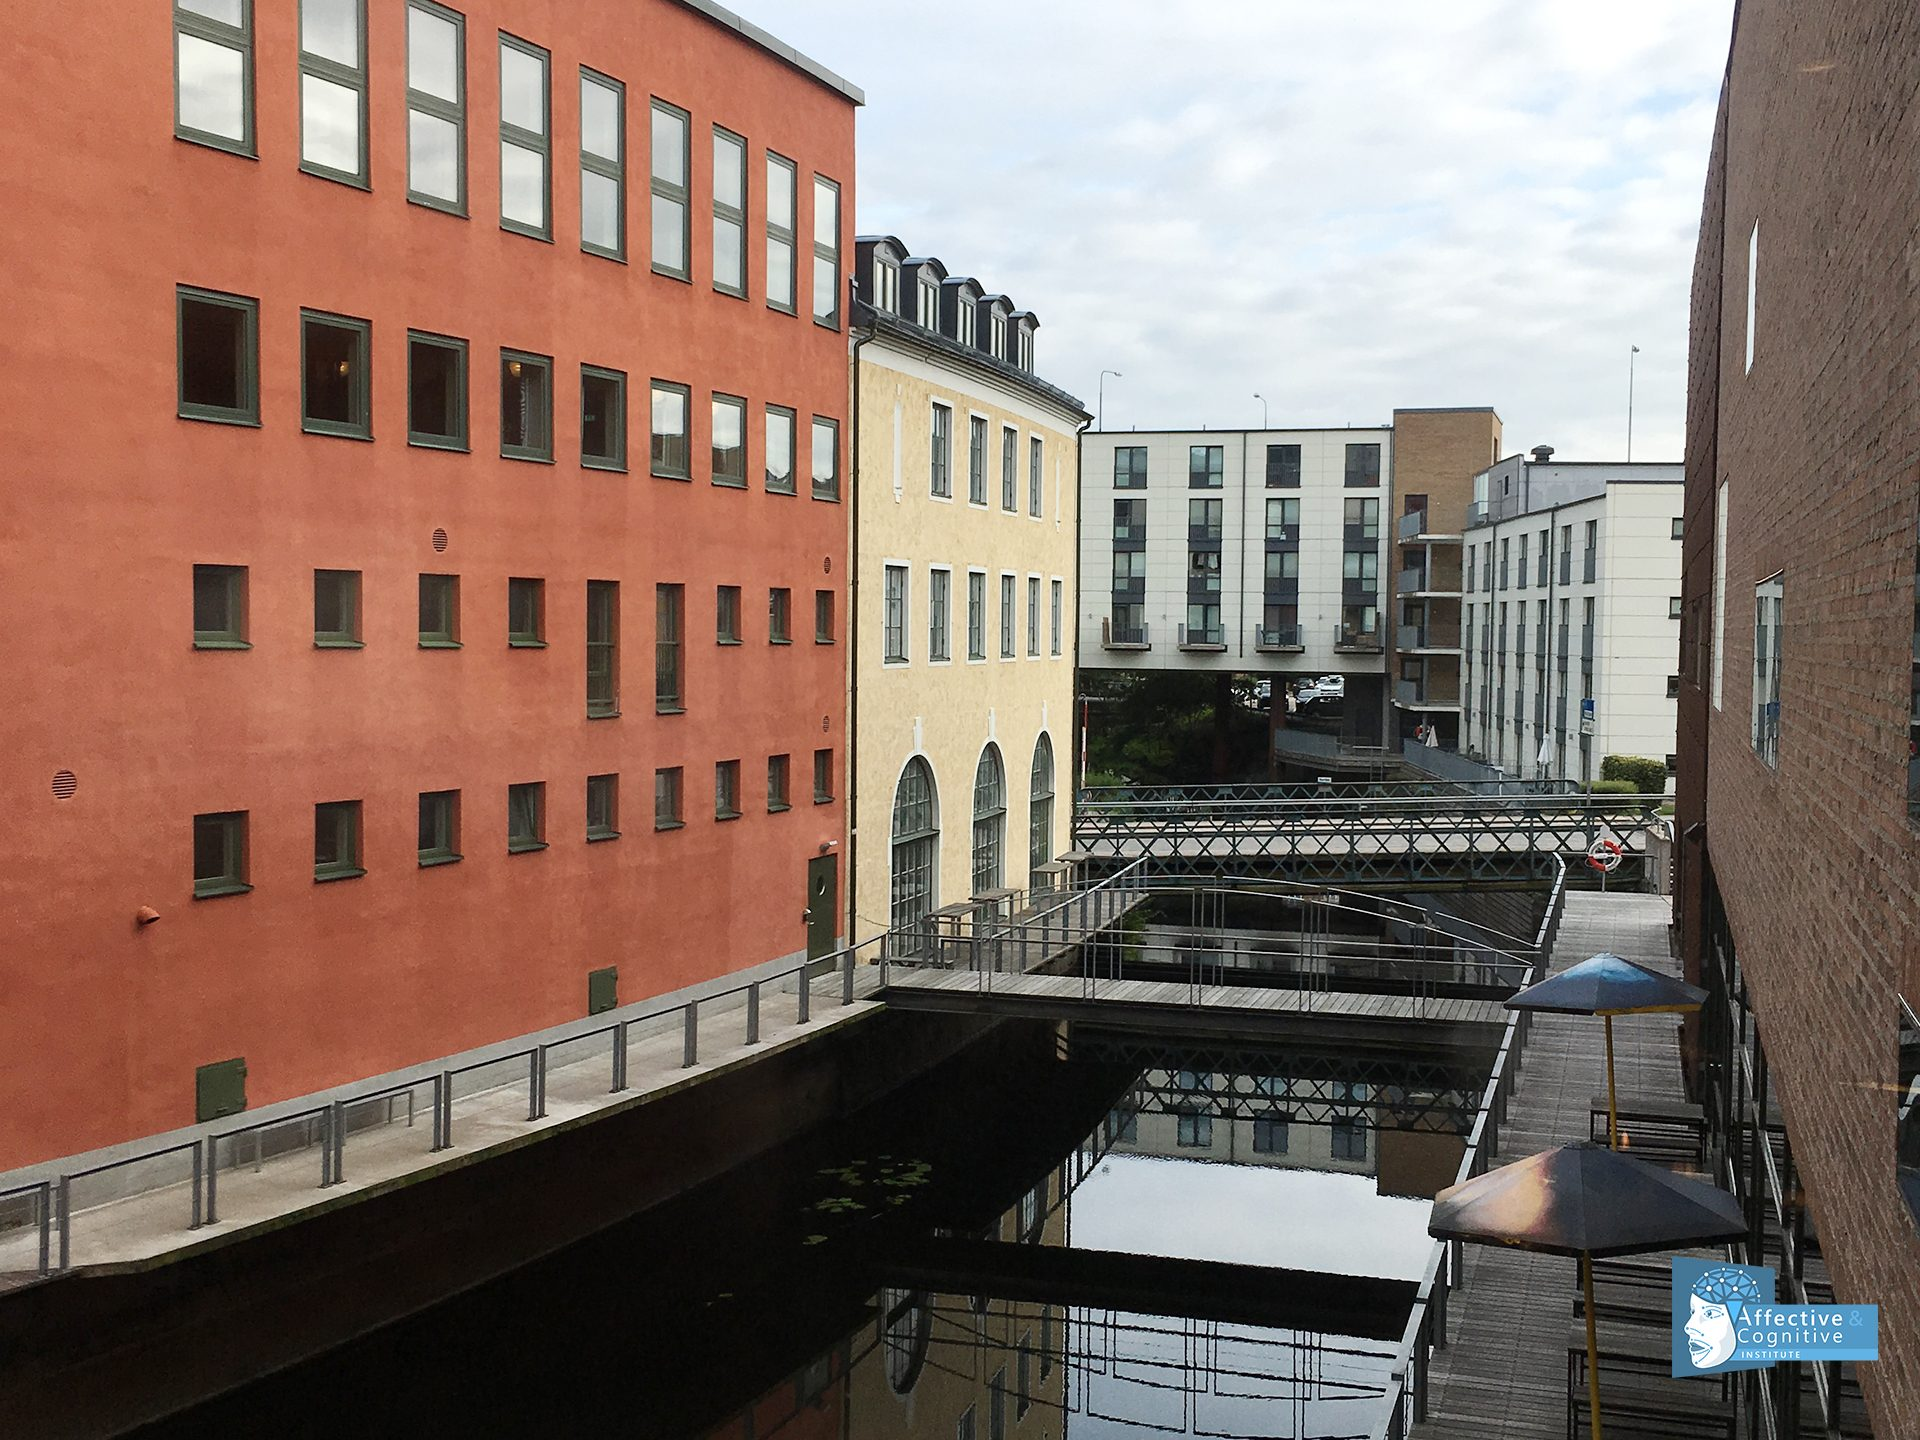 City scene in Borås